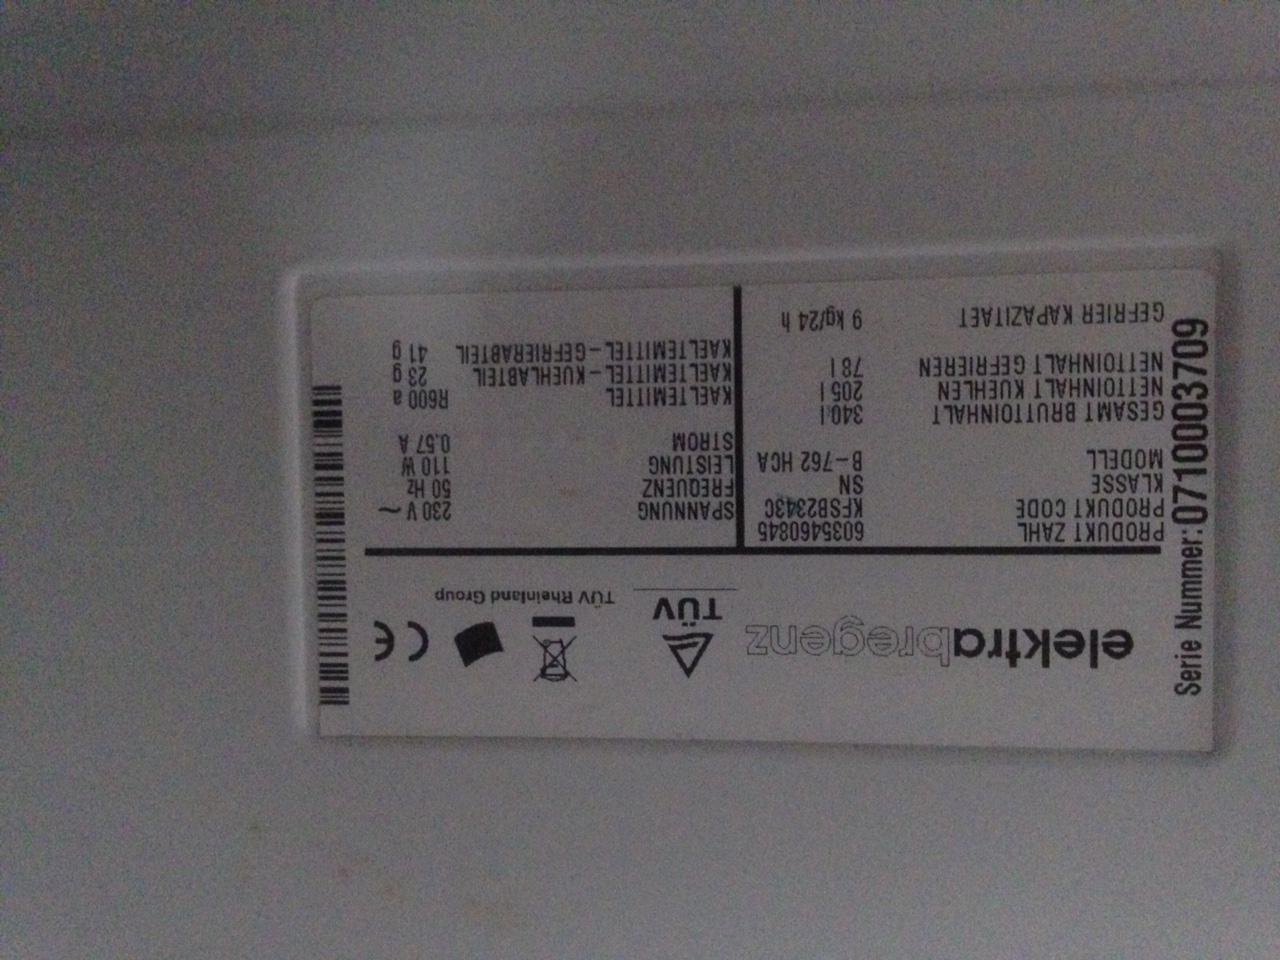 Bosch Kühlschrank Piept : Ich bräuchte hilfe mit meinem elektra bregenz kühlschrank